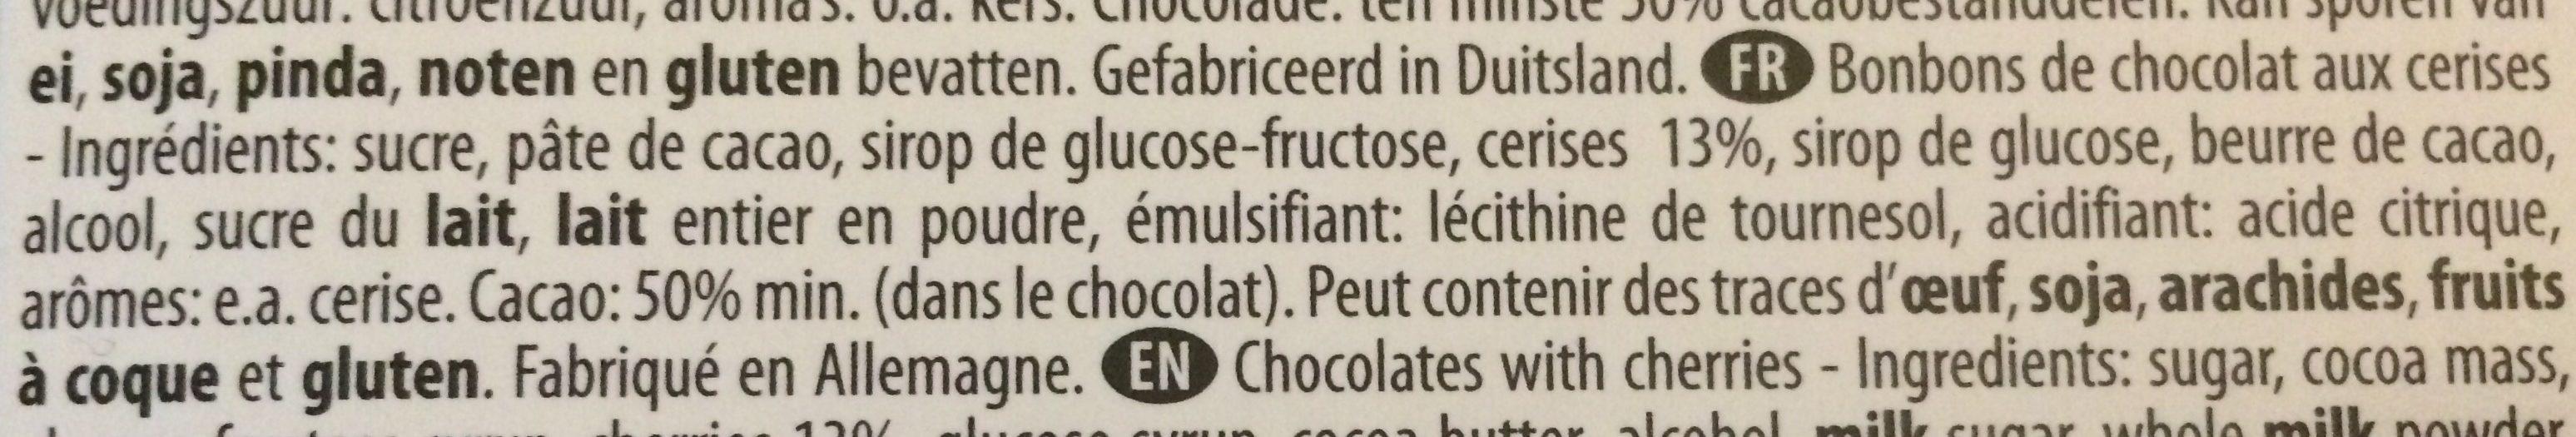 Excelcium Cherissimo 165G - Ingredienti - fr